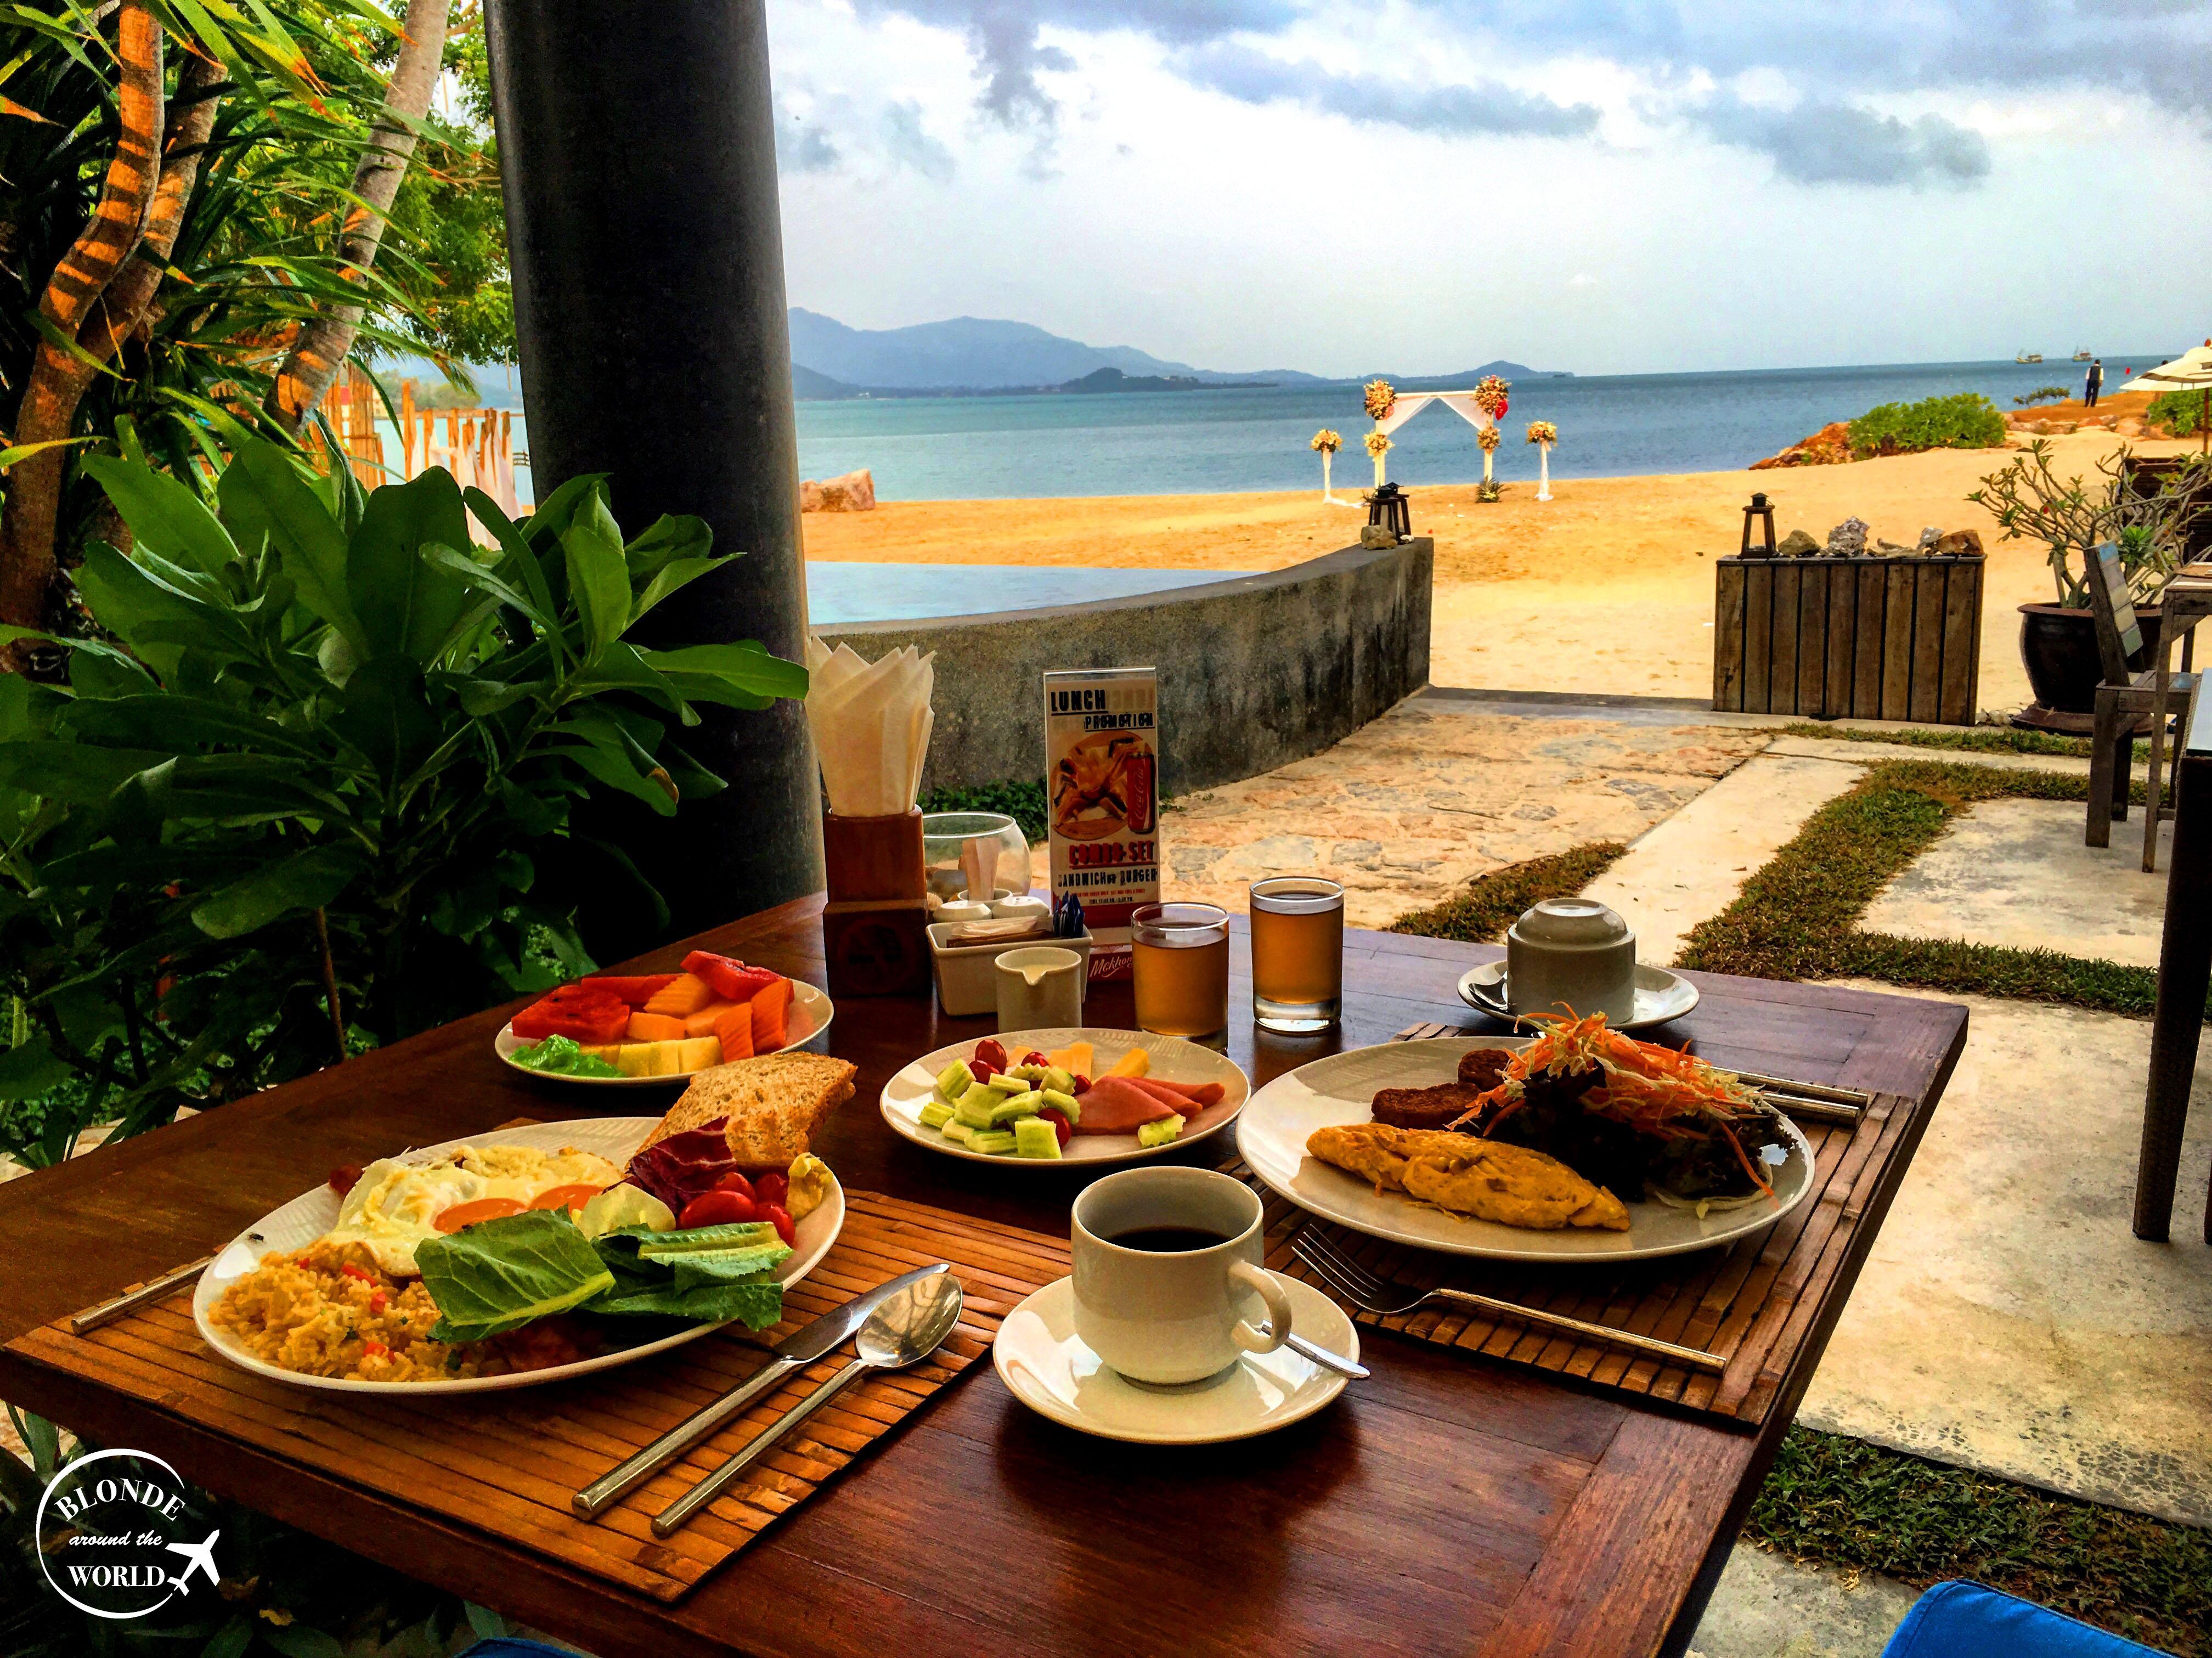 thailand-kohsamui-breakfast.jpg